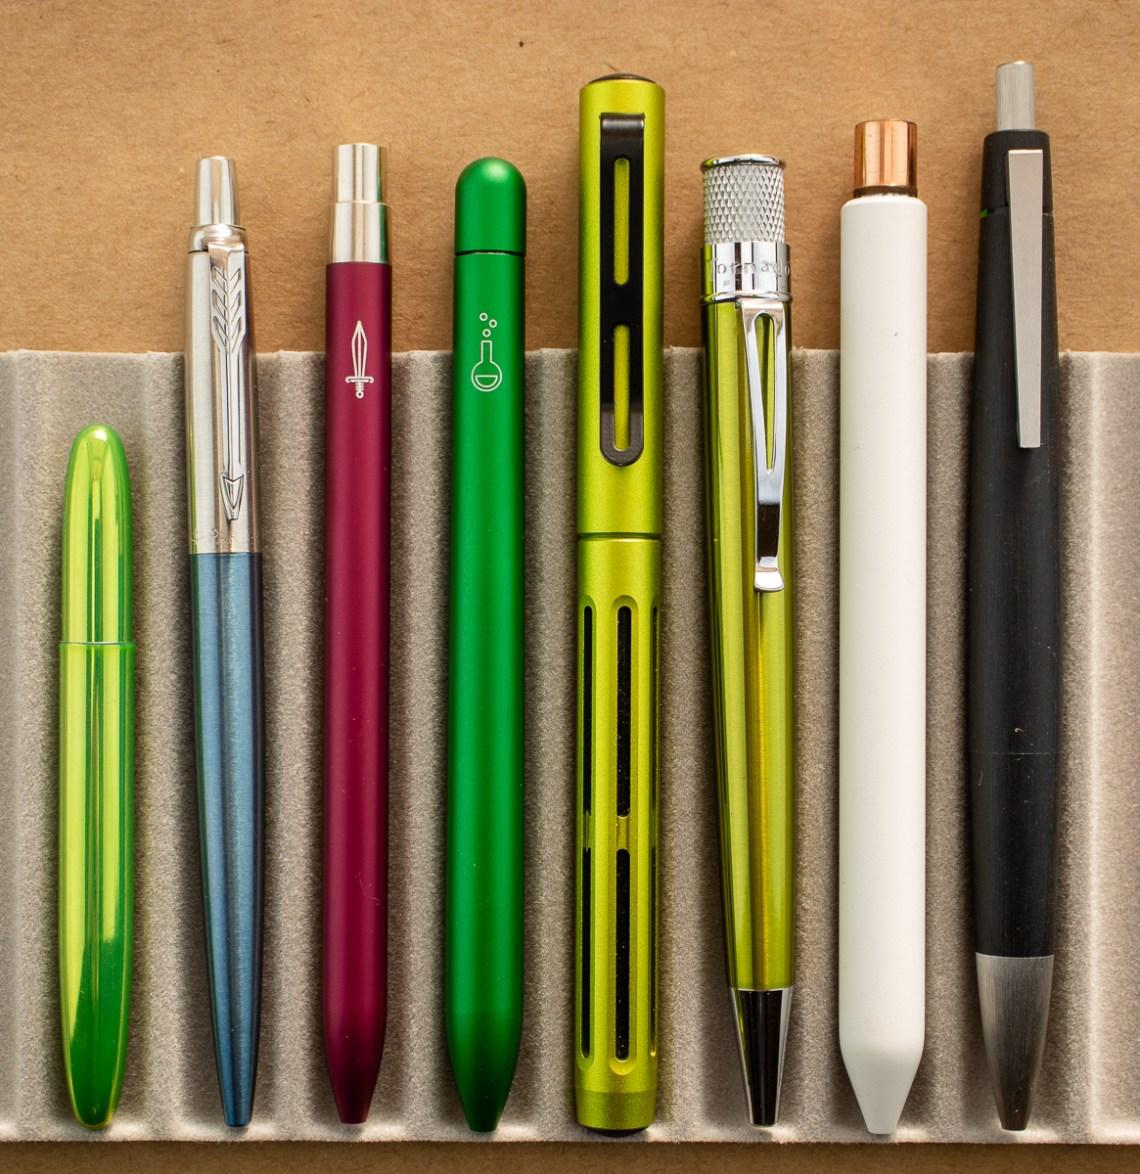 Spoke Design Pen comparison